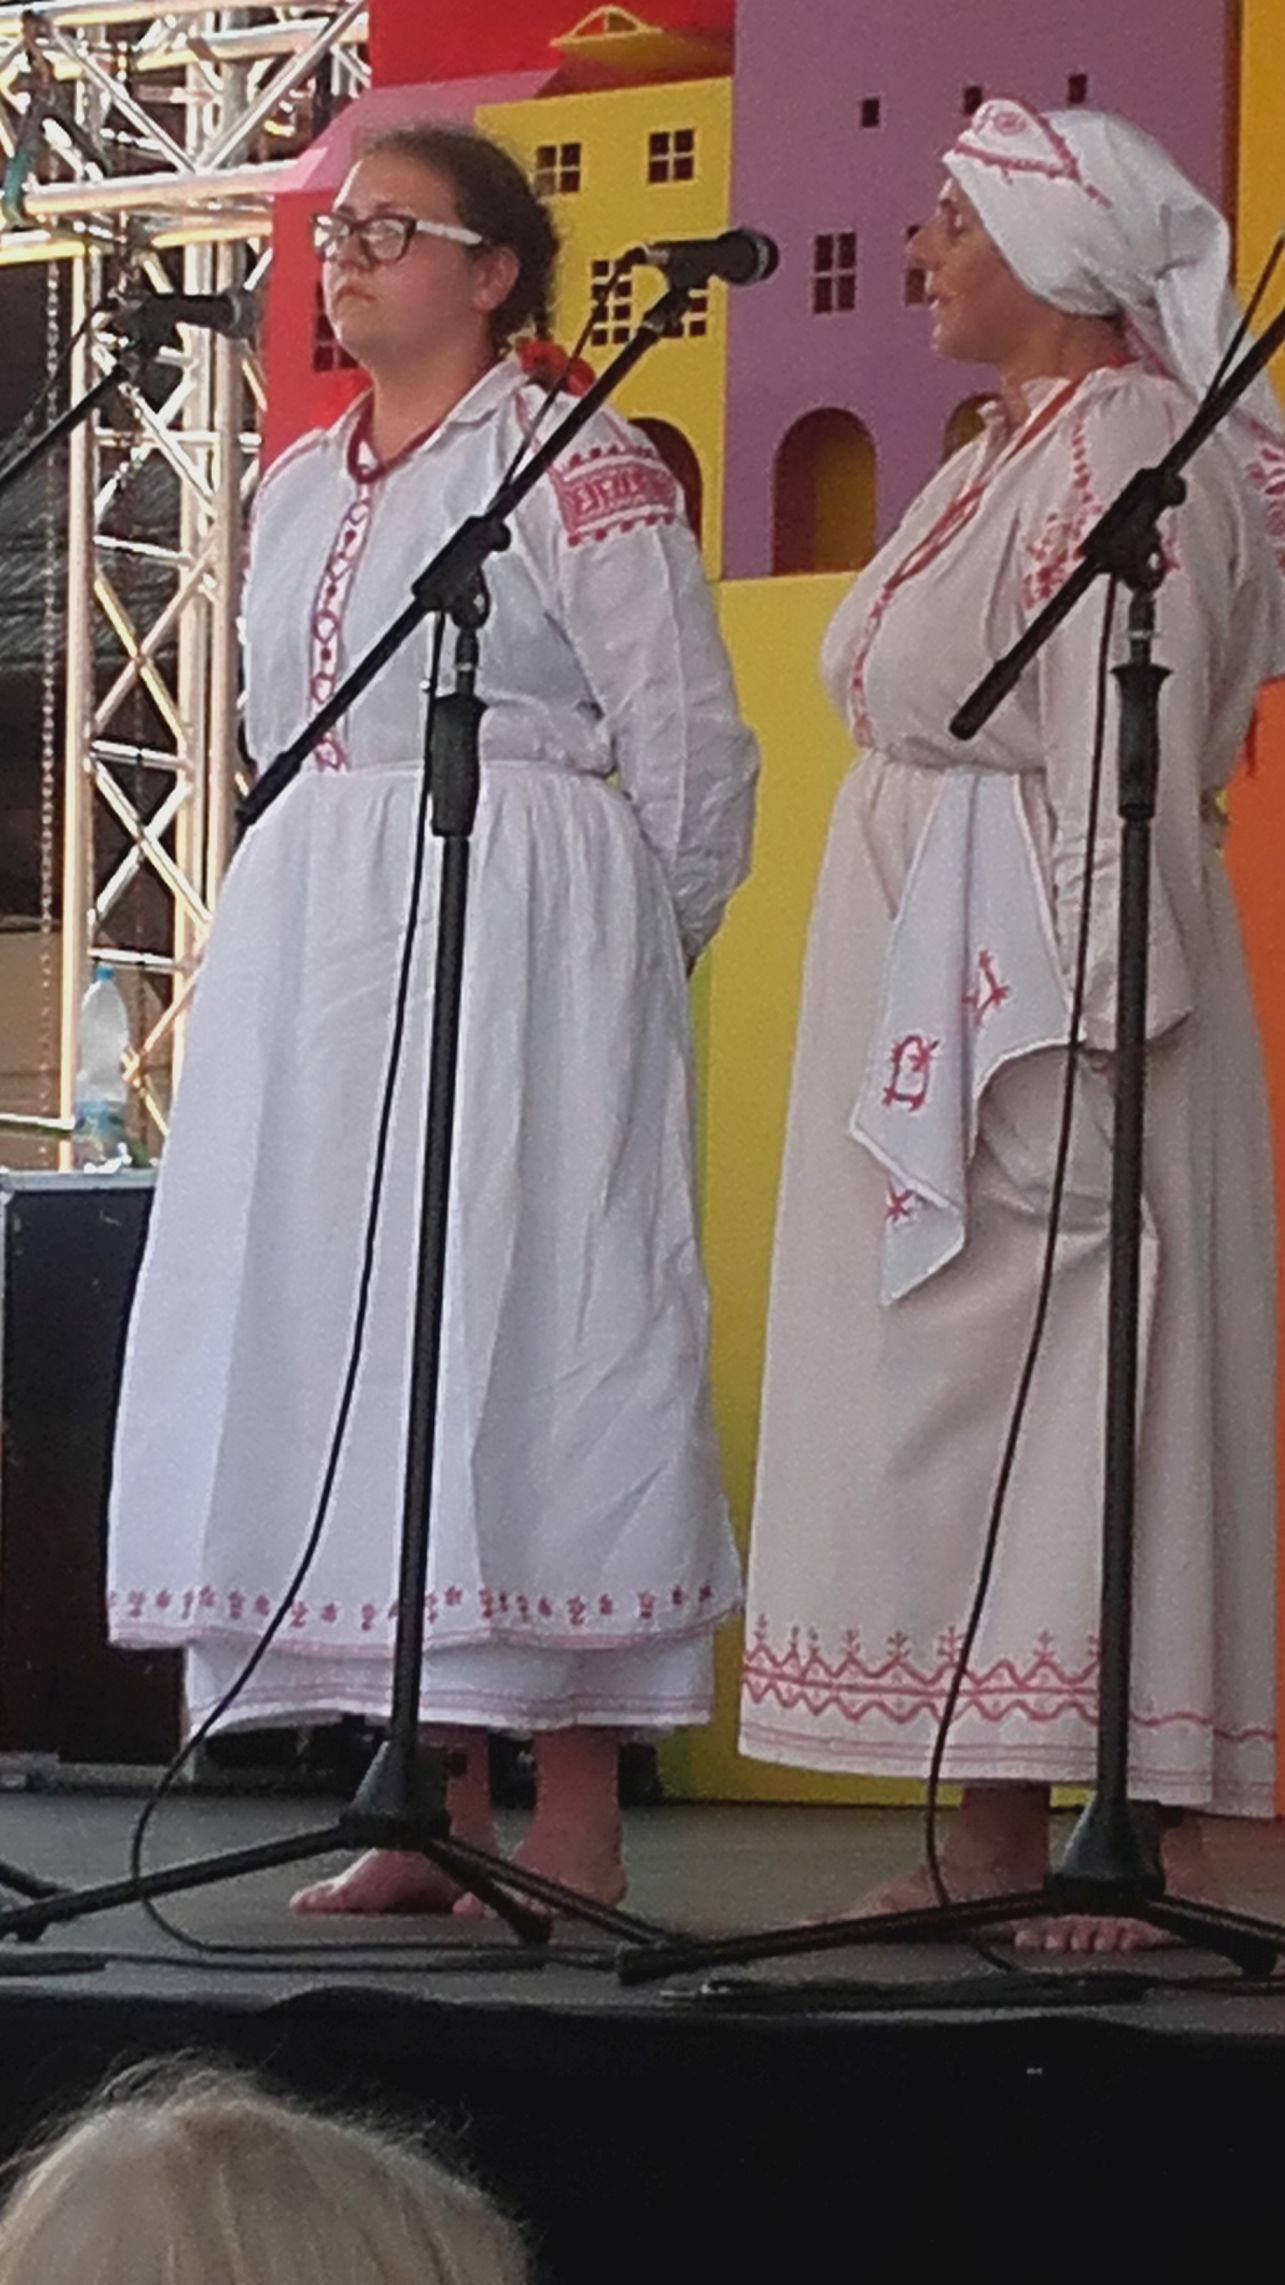 2016-06-25 Kazimierz Dolny - festiwal (43)